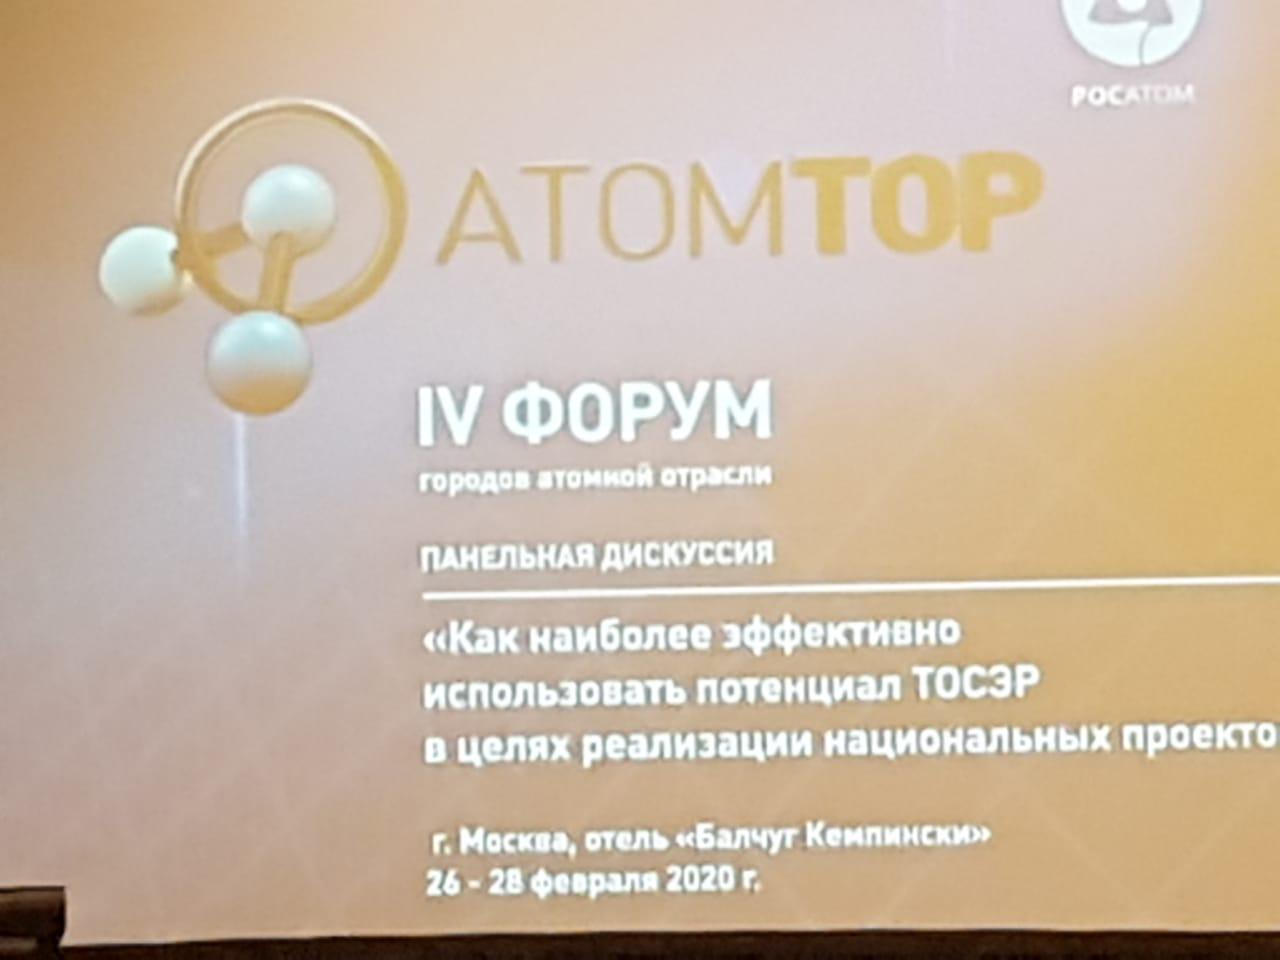 В Москве проходит IV Форум городов атомной промышленности